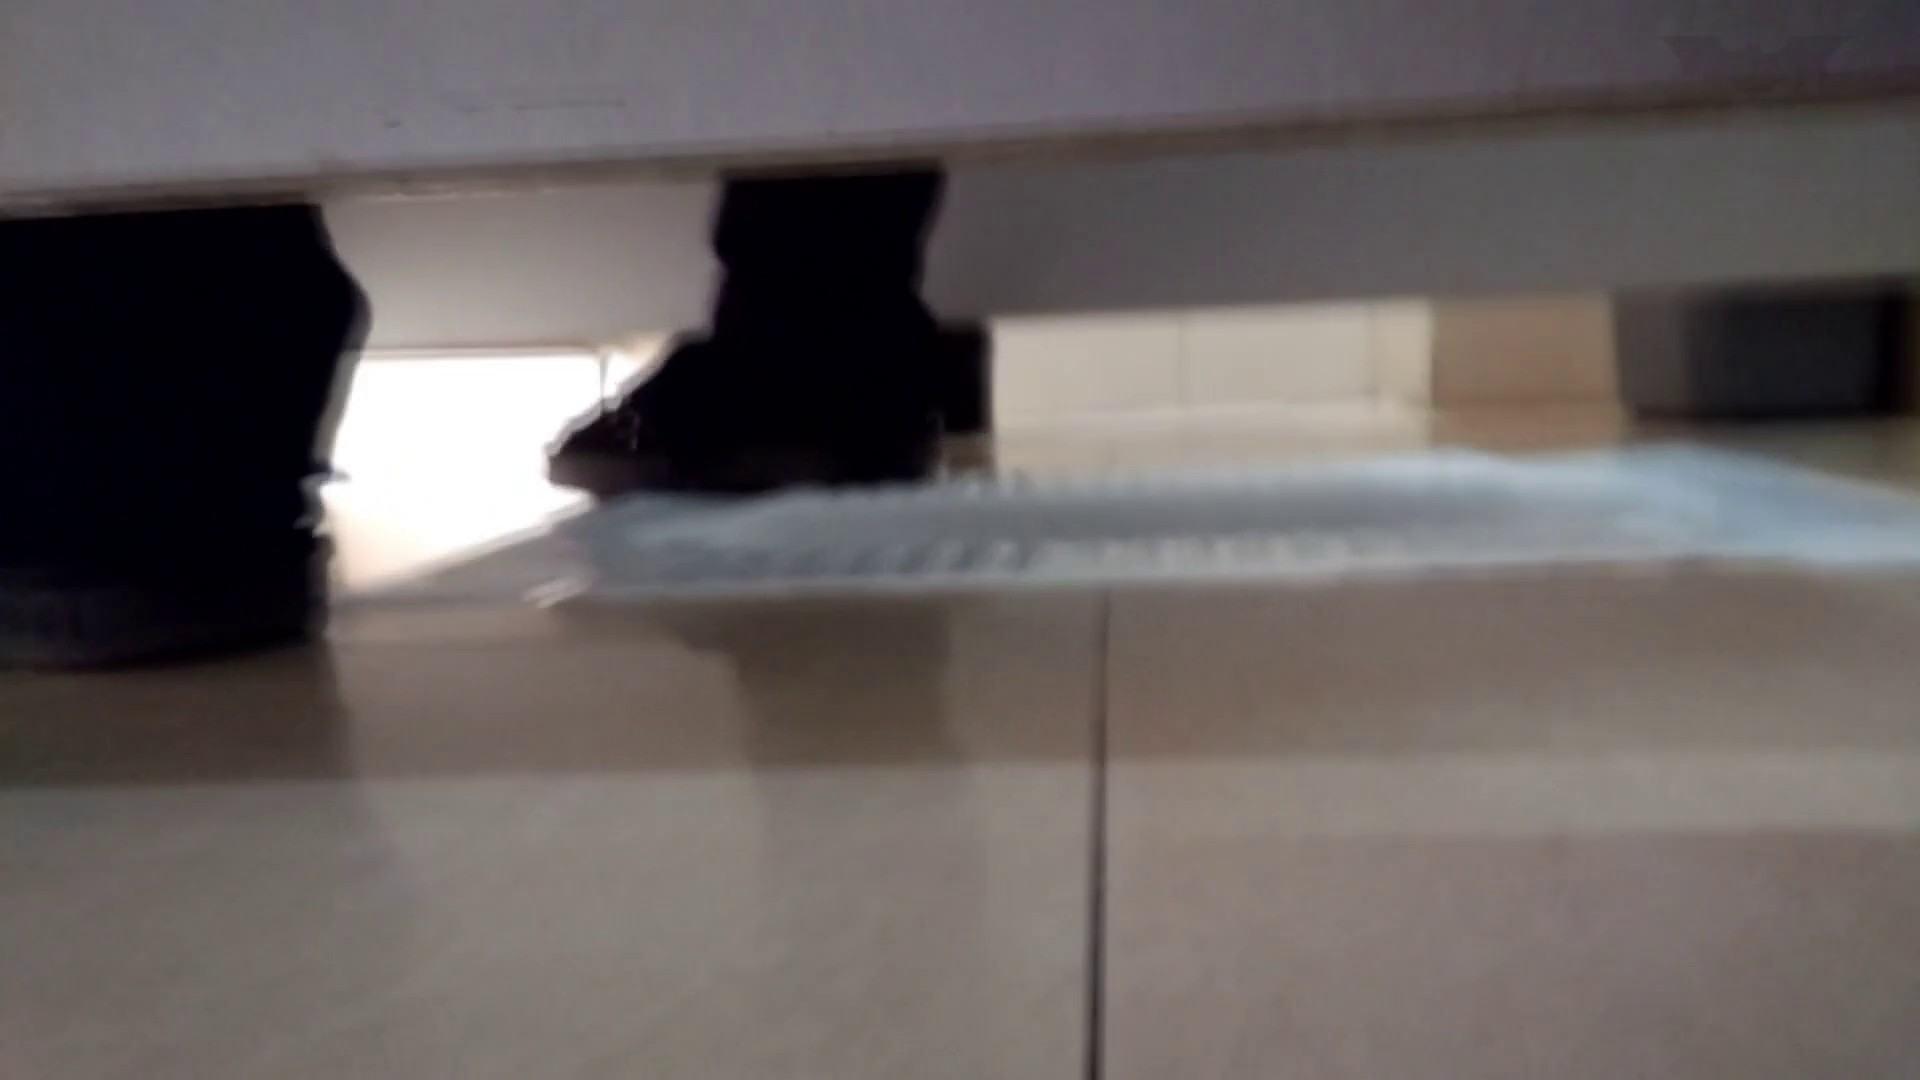 芸術大学ガチ潜入盗撮 JD盗撮 美女の洗面所の秘密 Vol.98 美肌 AV動画キャプチャ 110枚 88